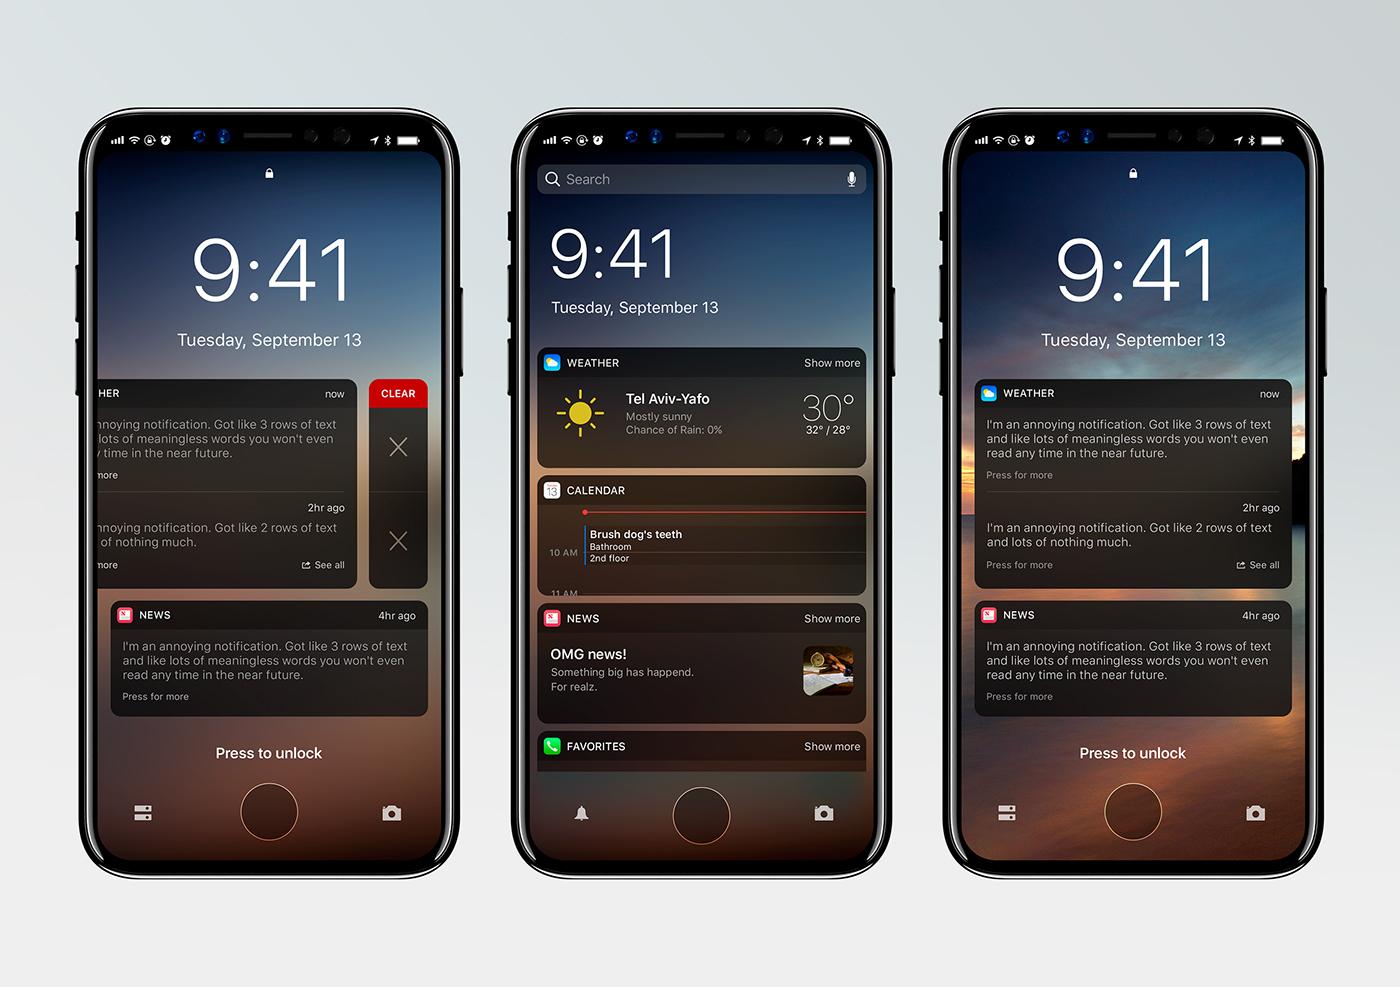 Ngắm tường tận từng ngóc ngách của iPhone 8 để xem nó tuyệt vời đến mức nào - Ảnh 18.